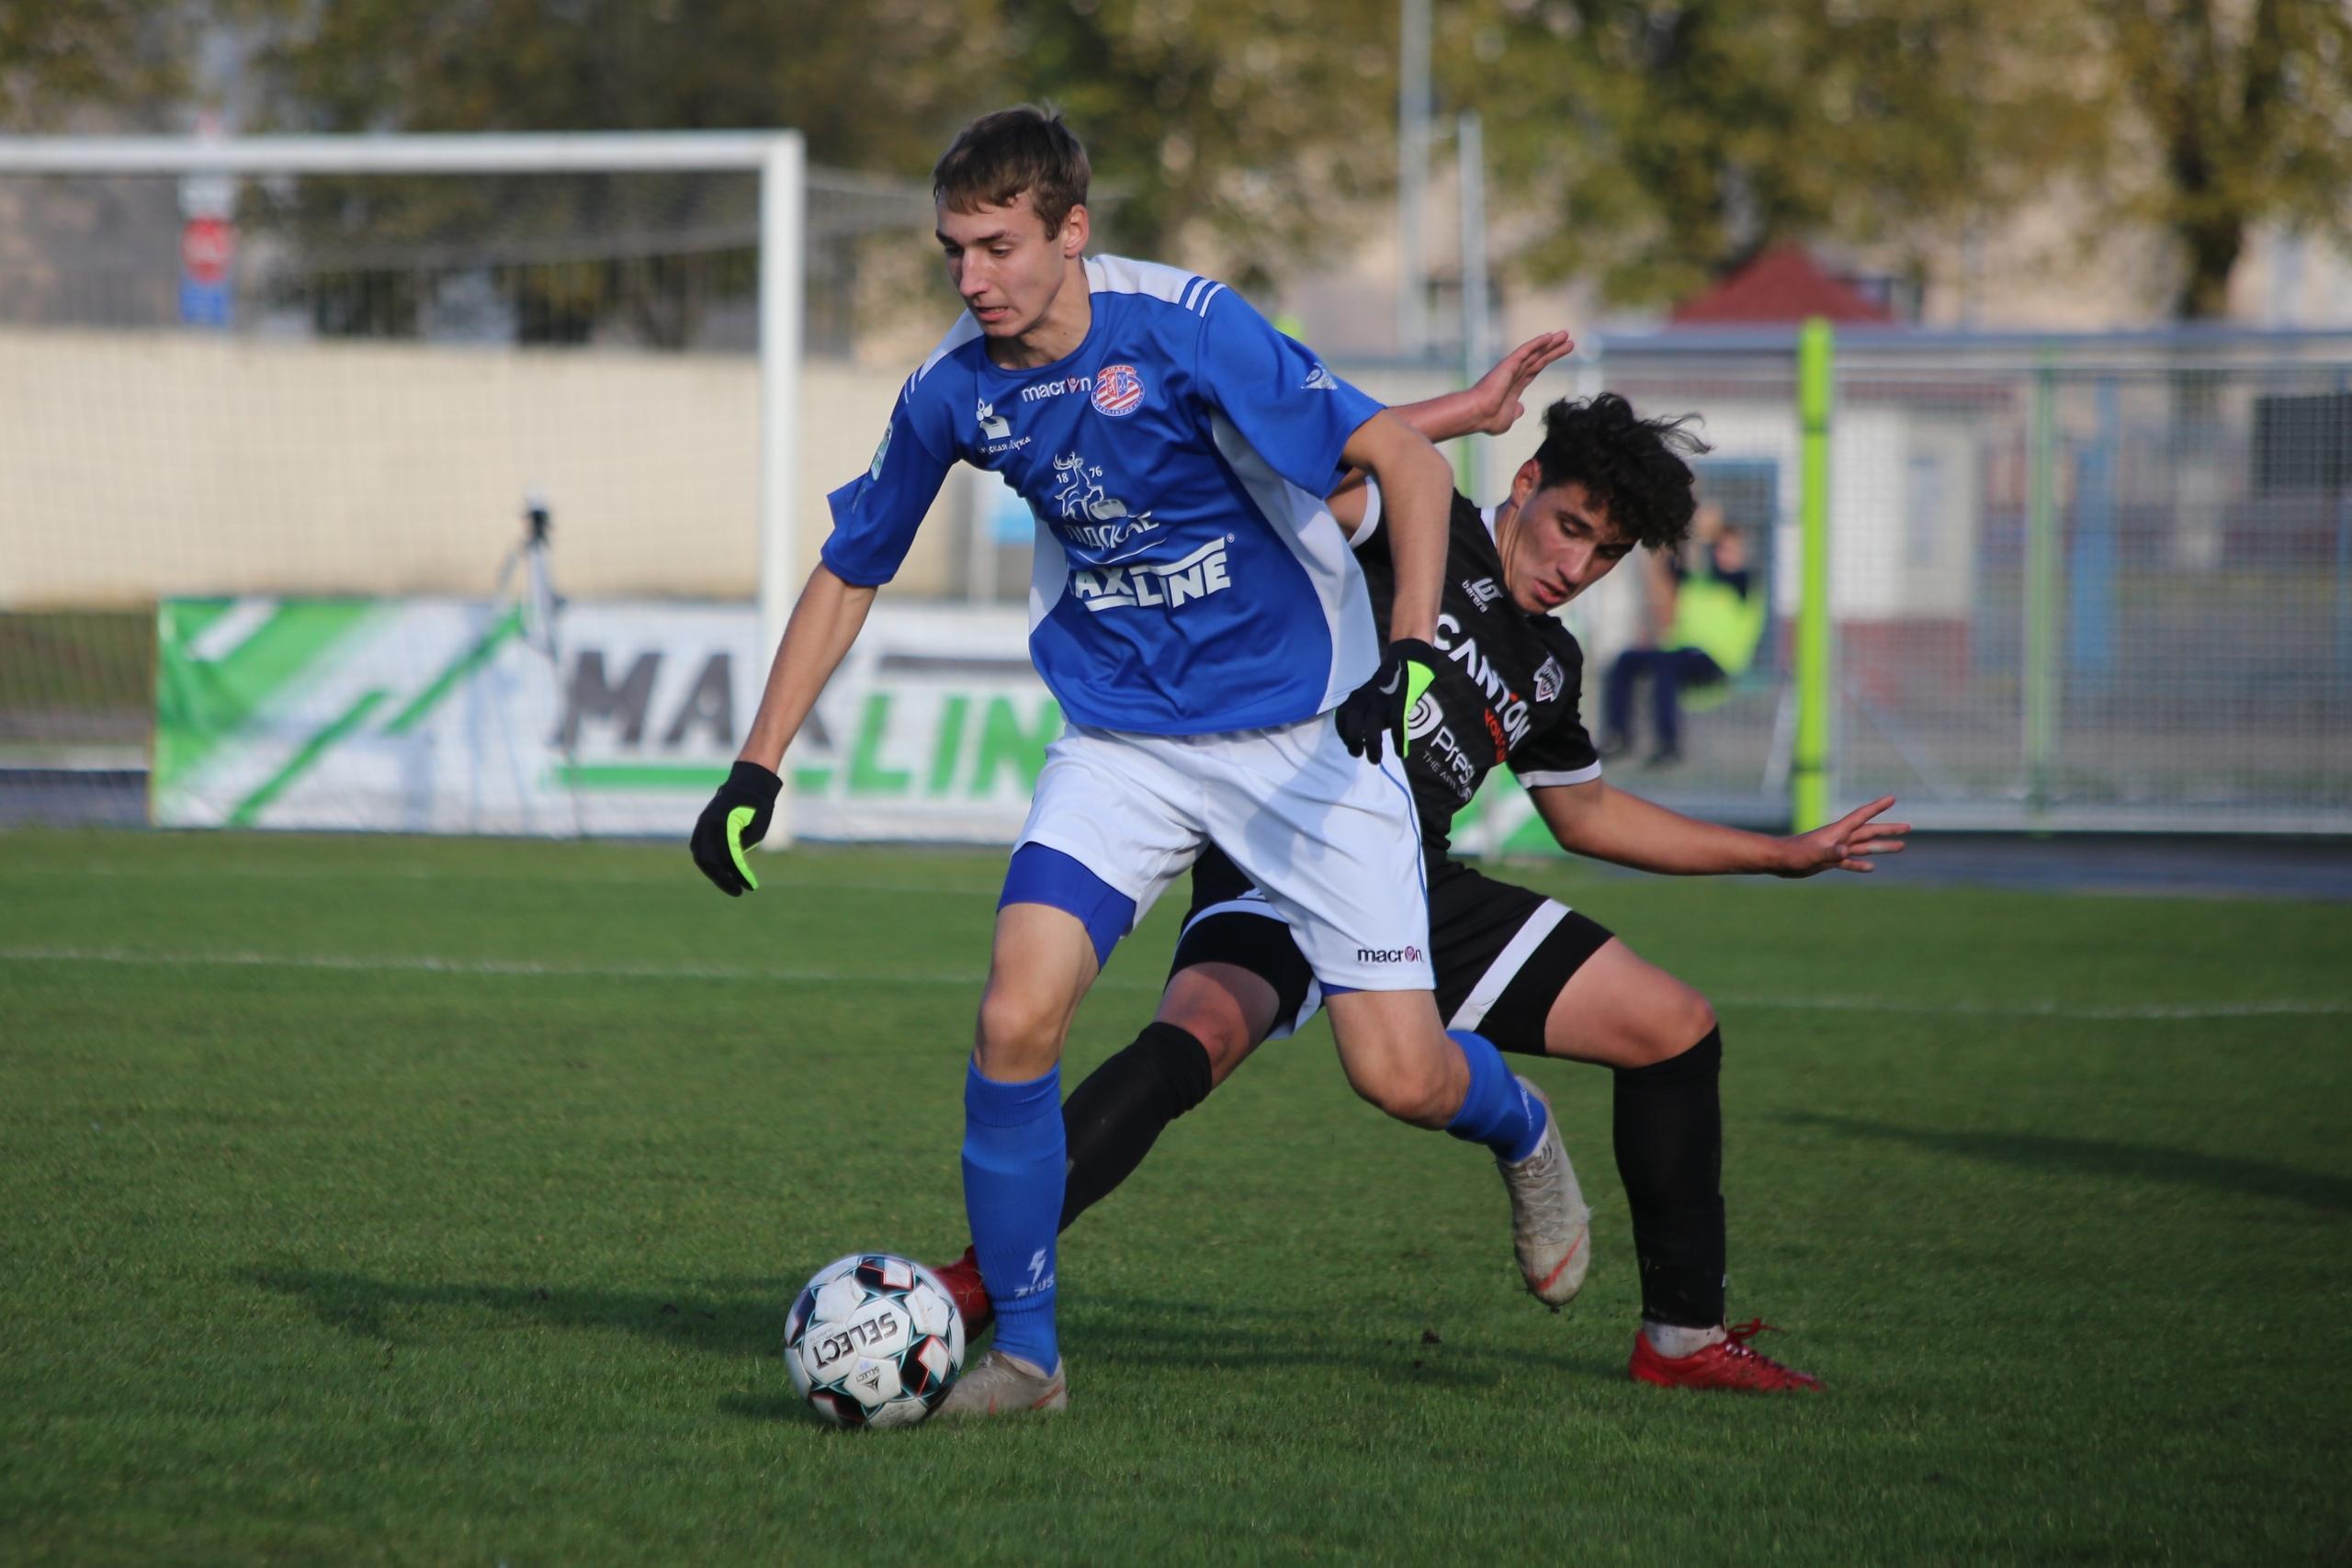 Футбольный клуб «Лида» провел матч 23-го тура чемпионата страны в первой лиге